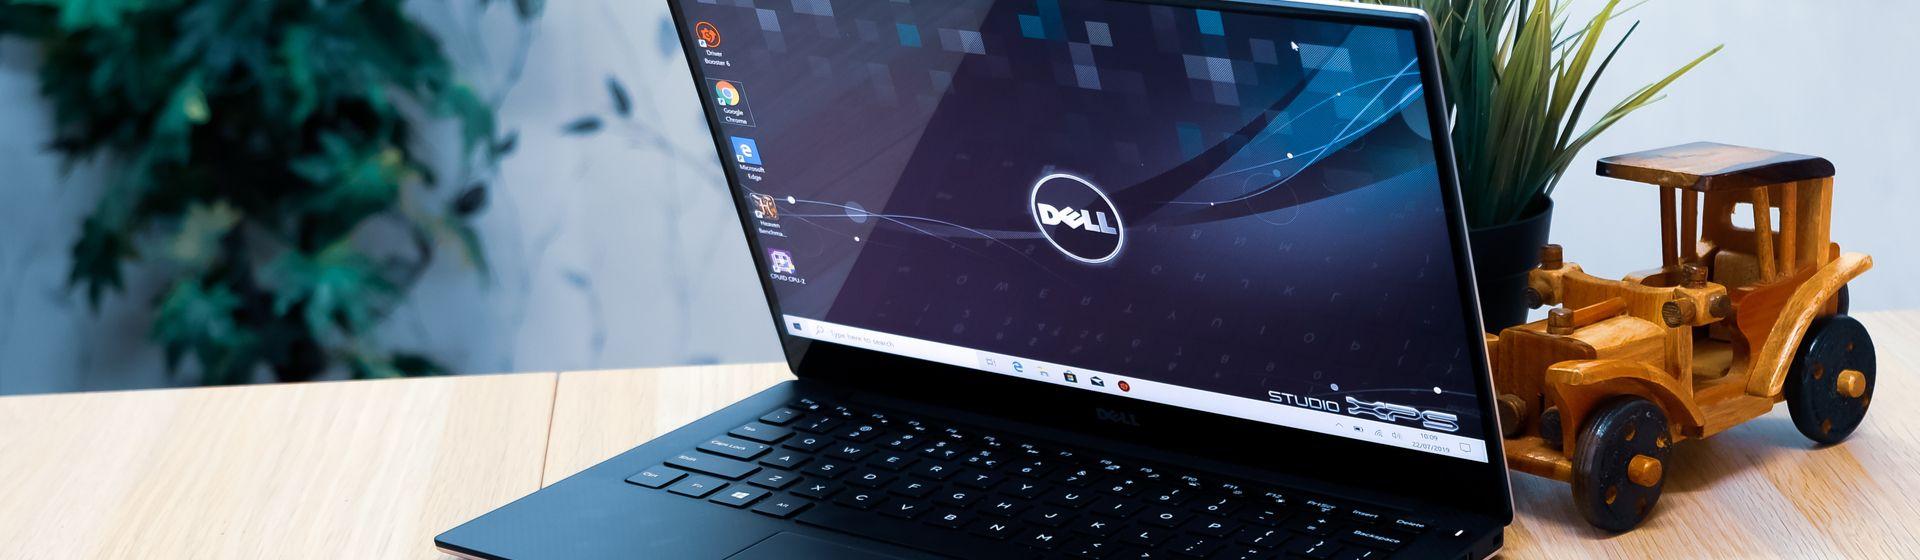 Melhor notebook gamer Dell em 2021: 5 modelos da linha G3